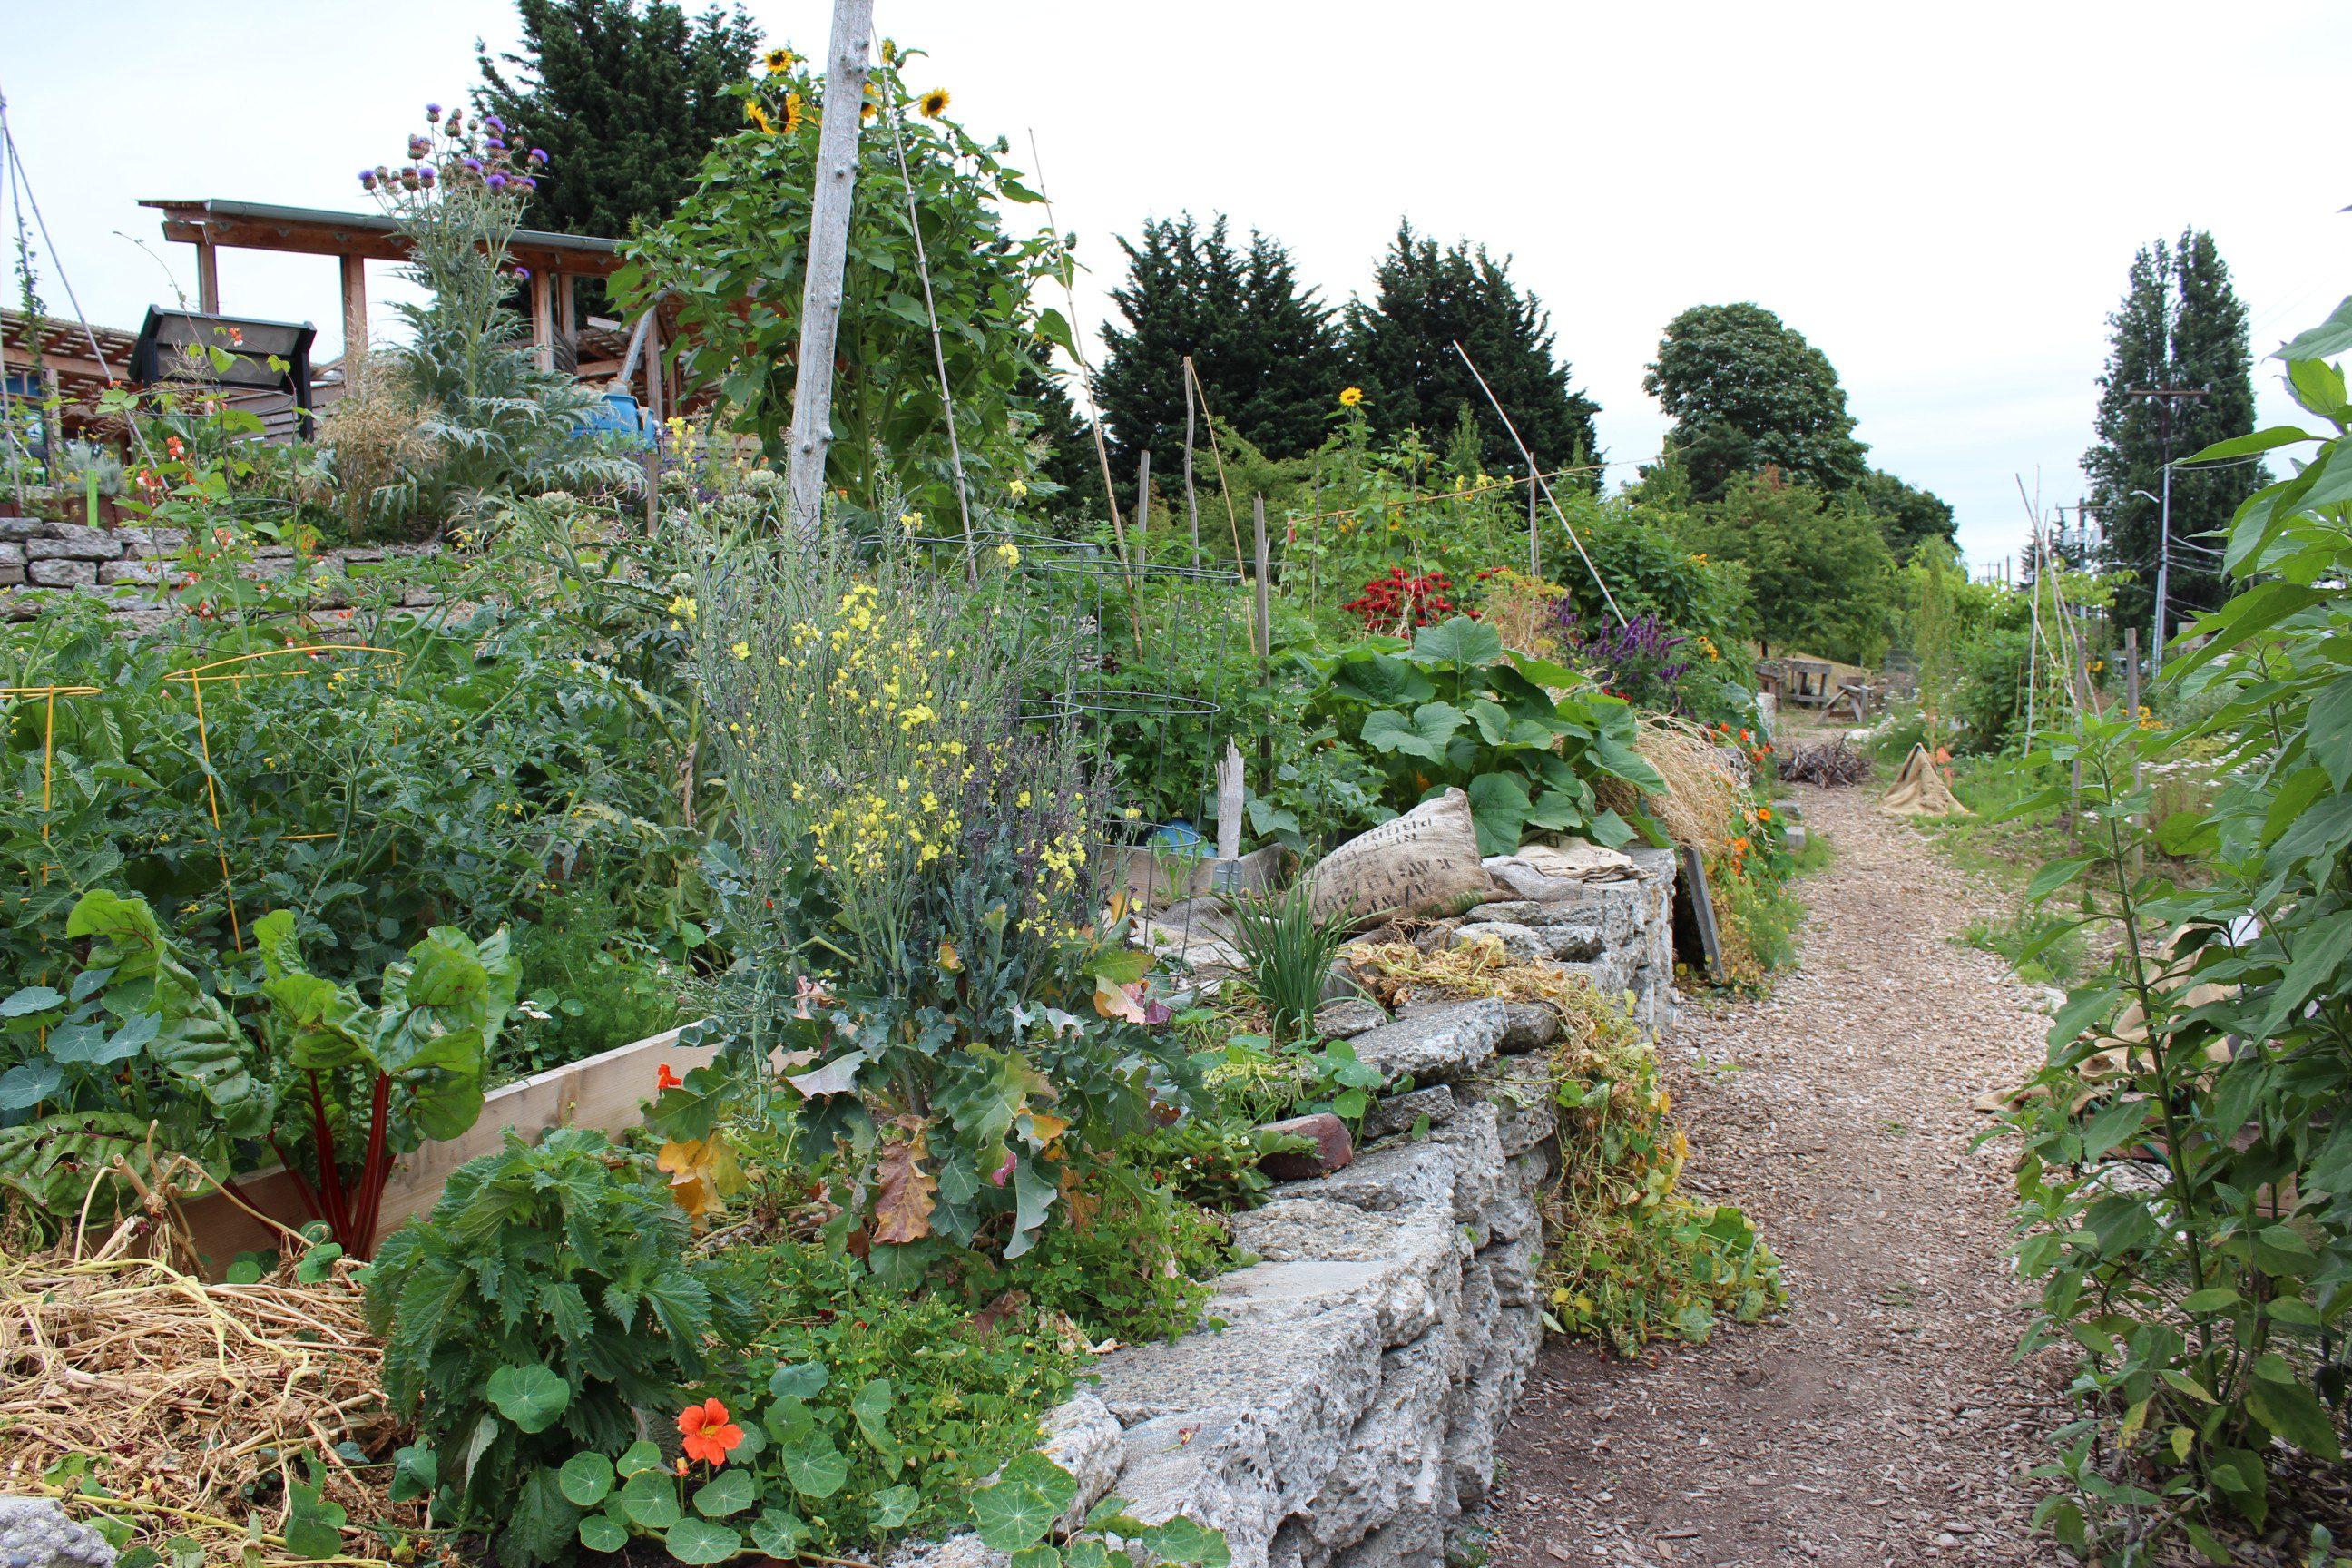 Washington garden path